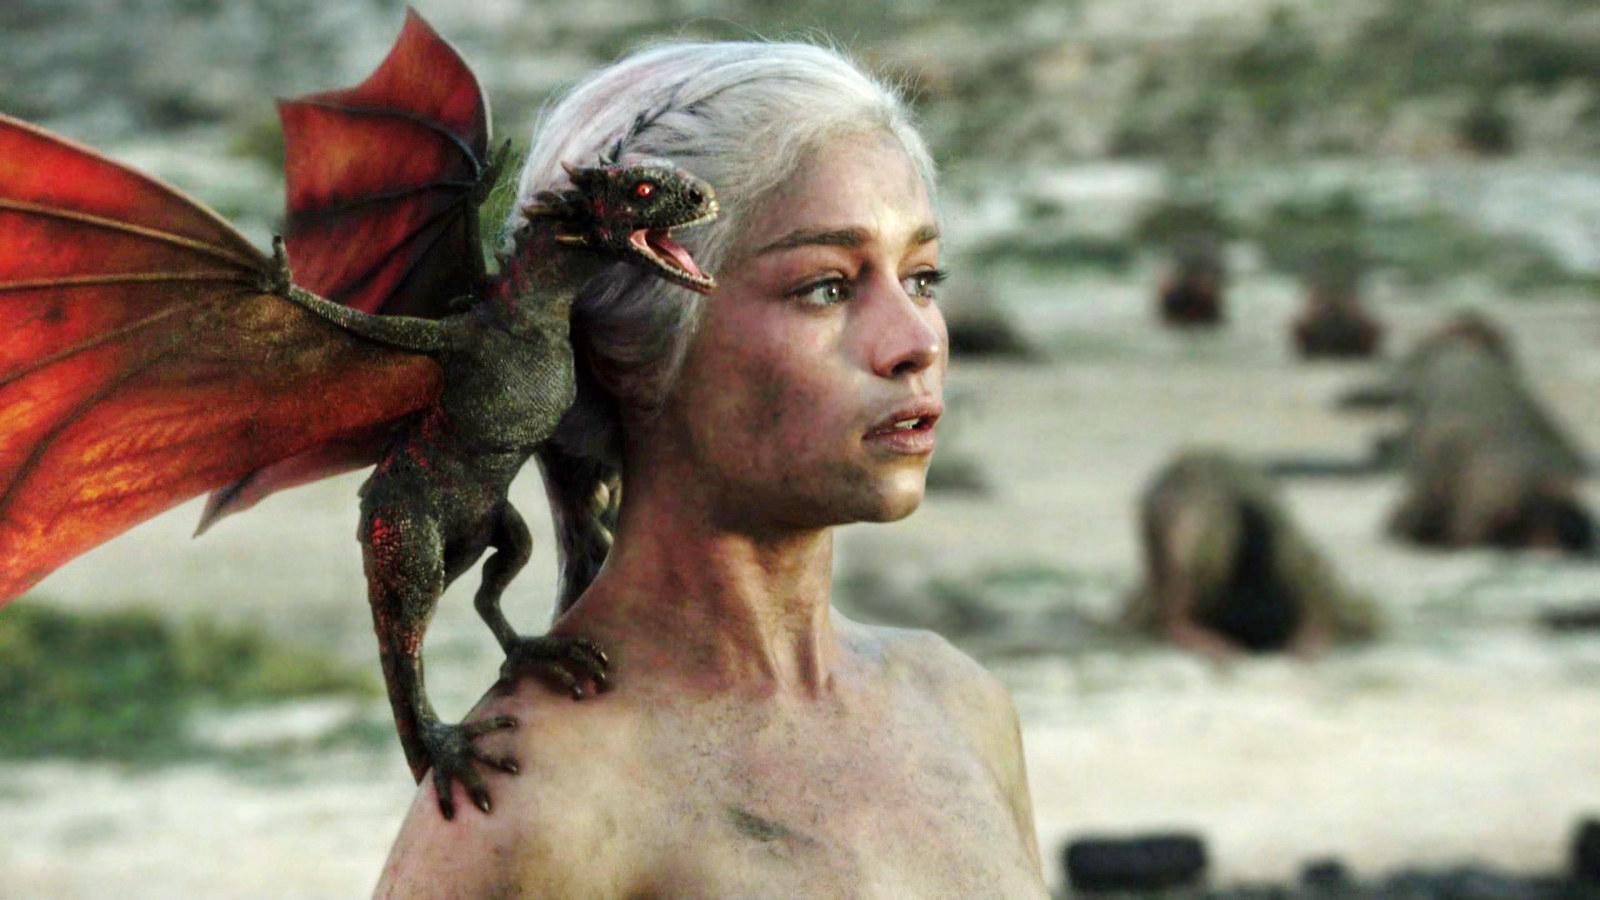 特に主要人物の「ドラゴンの女王」ことデナーリス・ターガリエンが率いる3匹のドラゴンたちは、最高に美しくてかっこいいです。